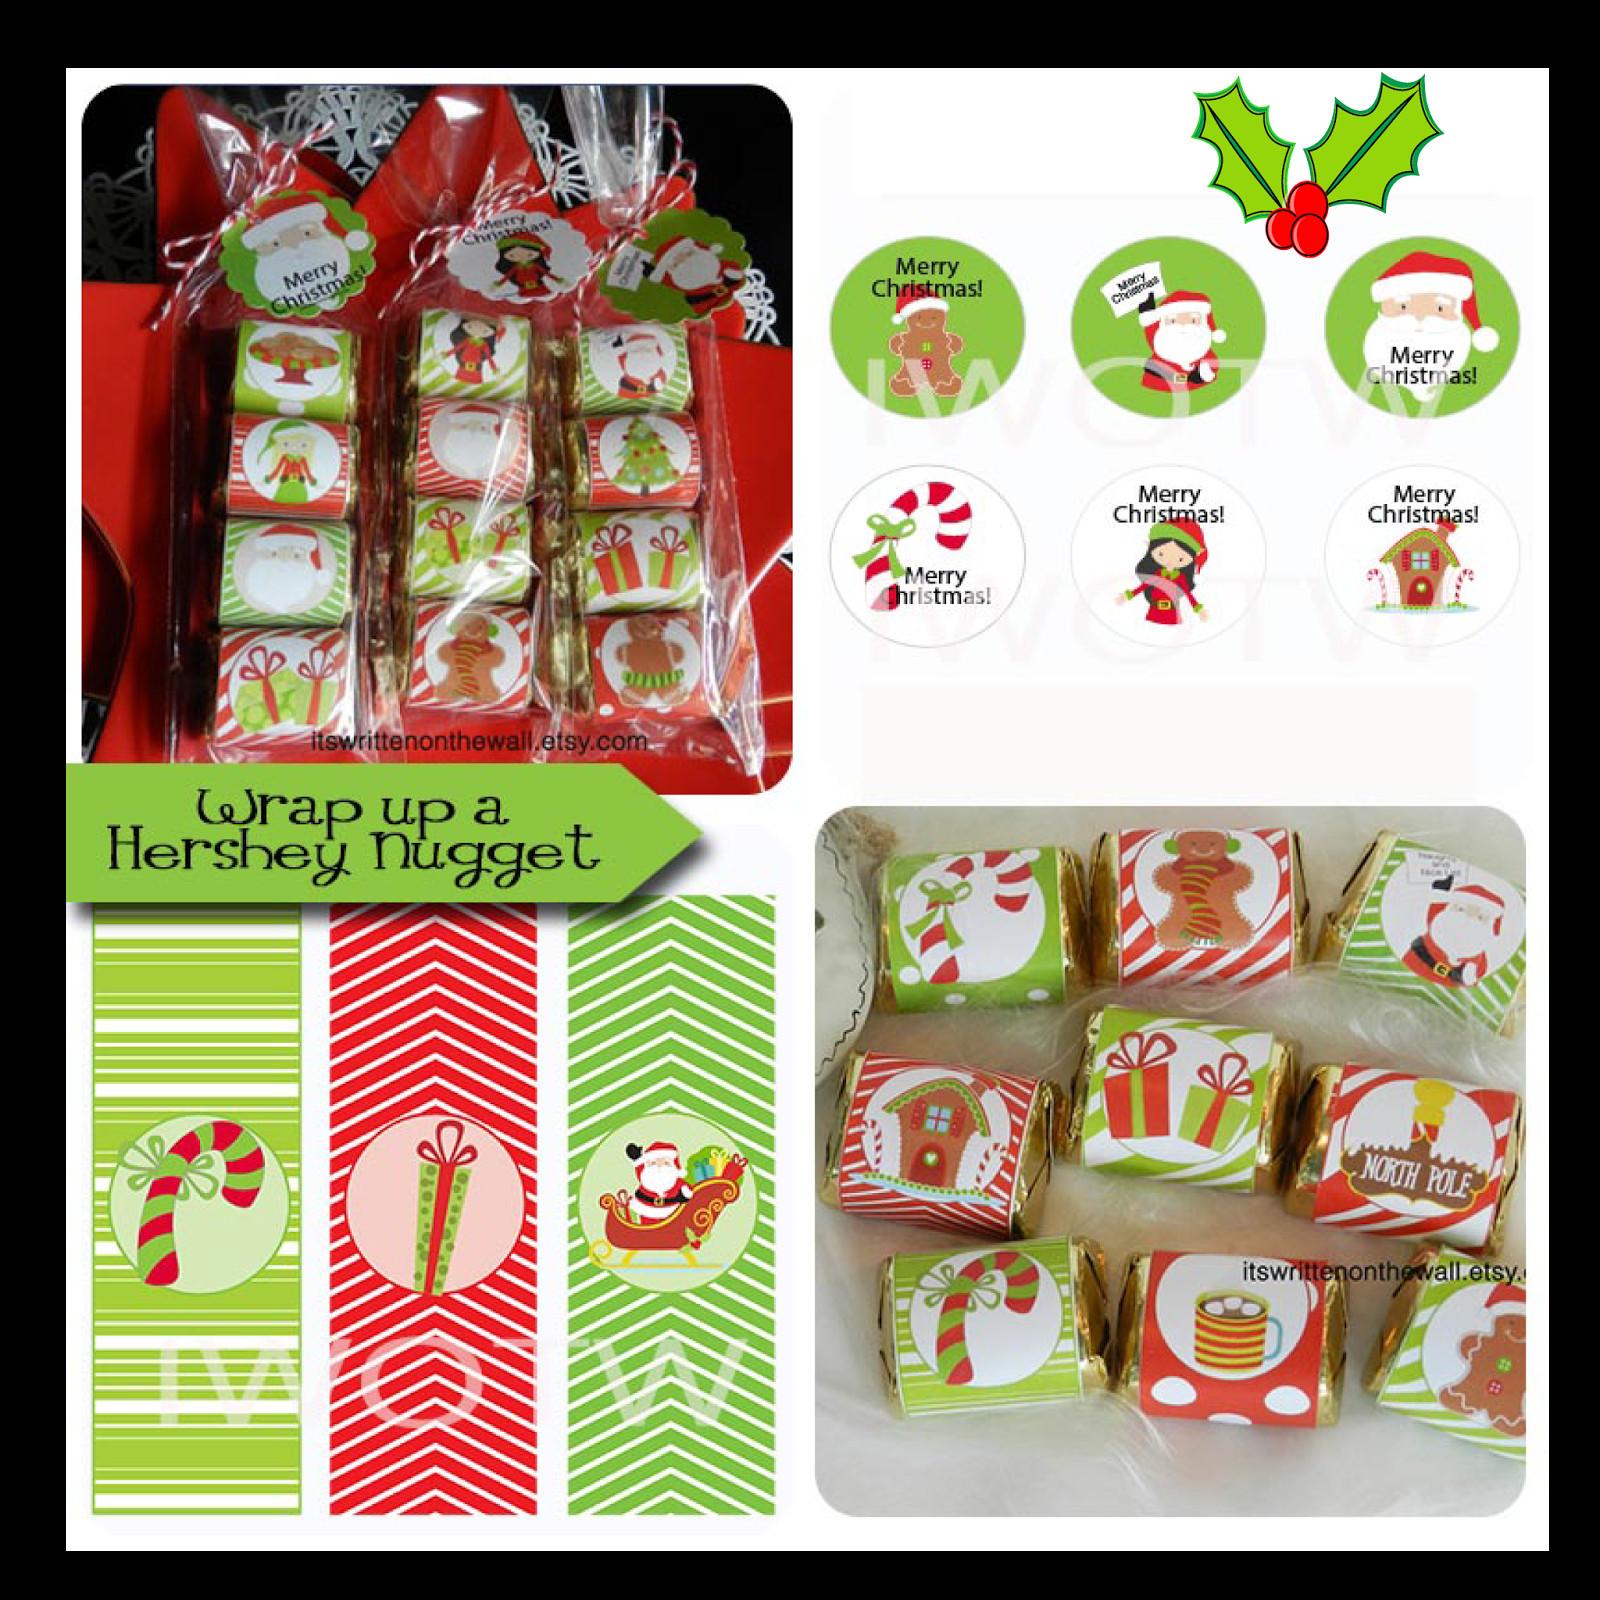 Christmas Candy Stocking Stuffers  It s Written on the Wall Christmas Stocking Stuffers